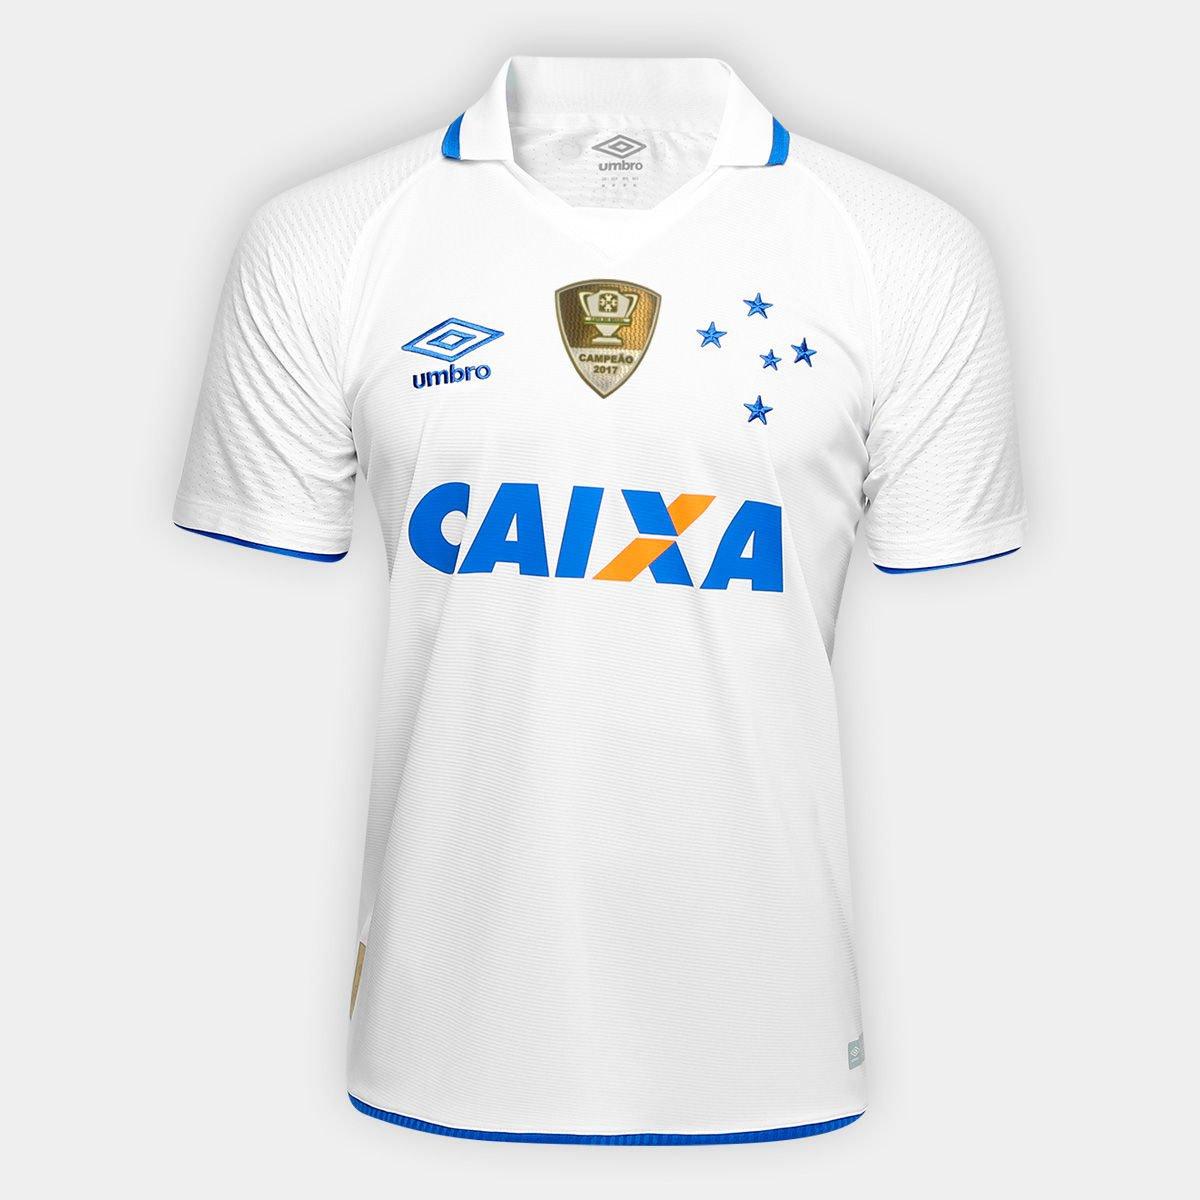 Camisa Cruzeiro II 17 18 s nº - Patch Campeão da Copa do Brasil Torcedor  Umbro Masculina - Compre Agora  7d2dfd14b2fbf